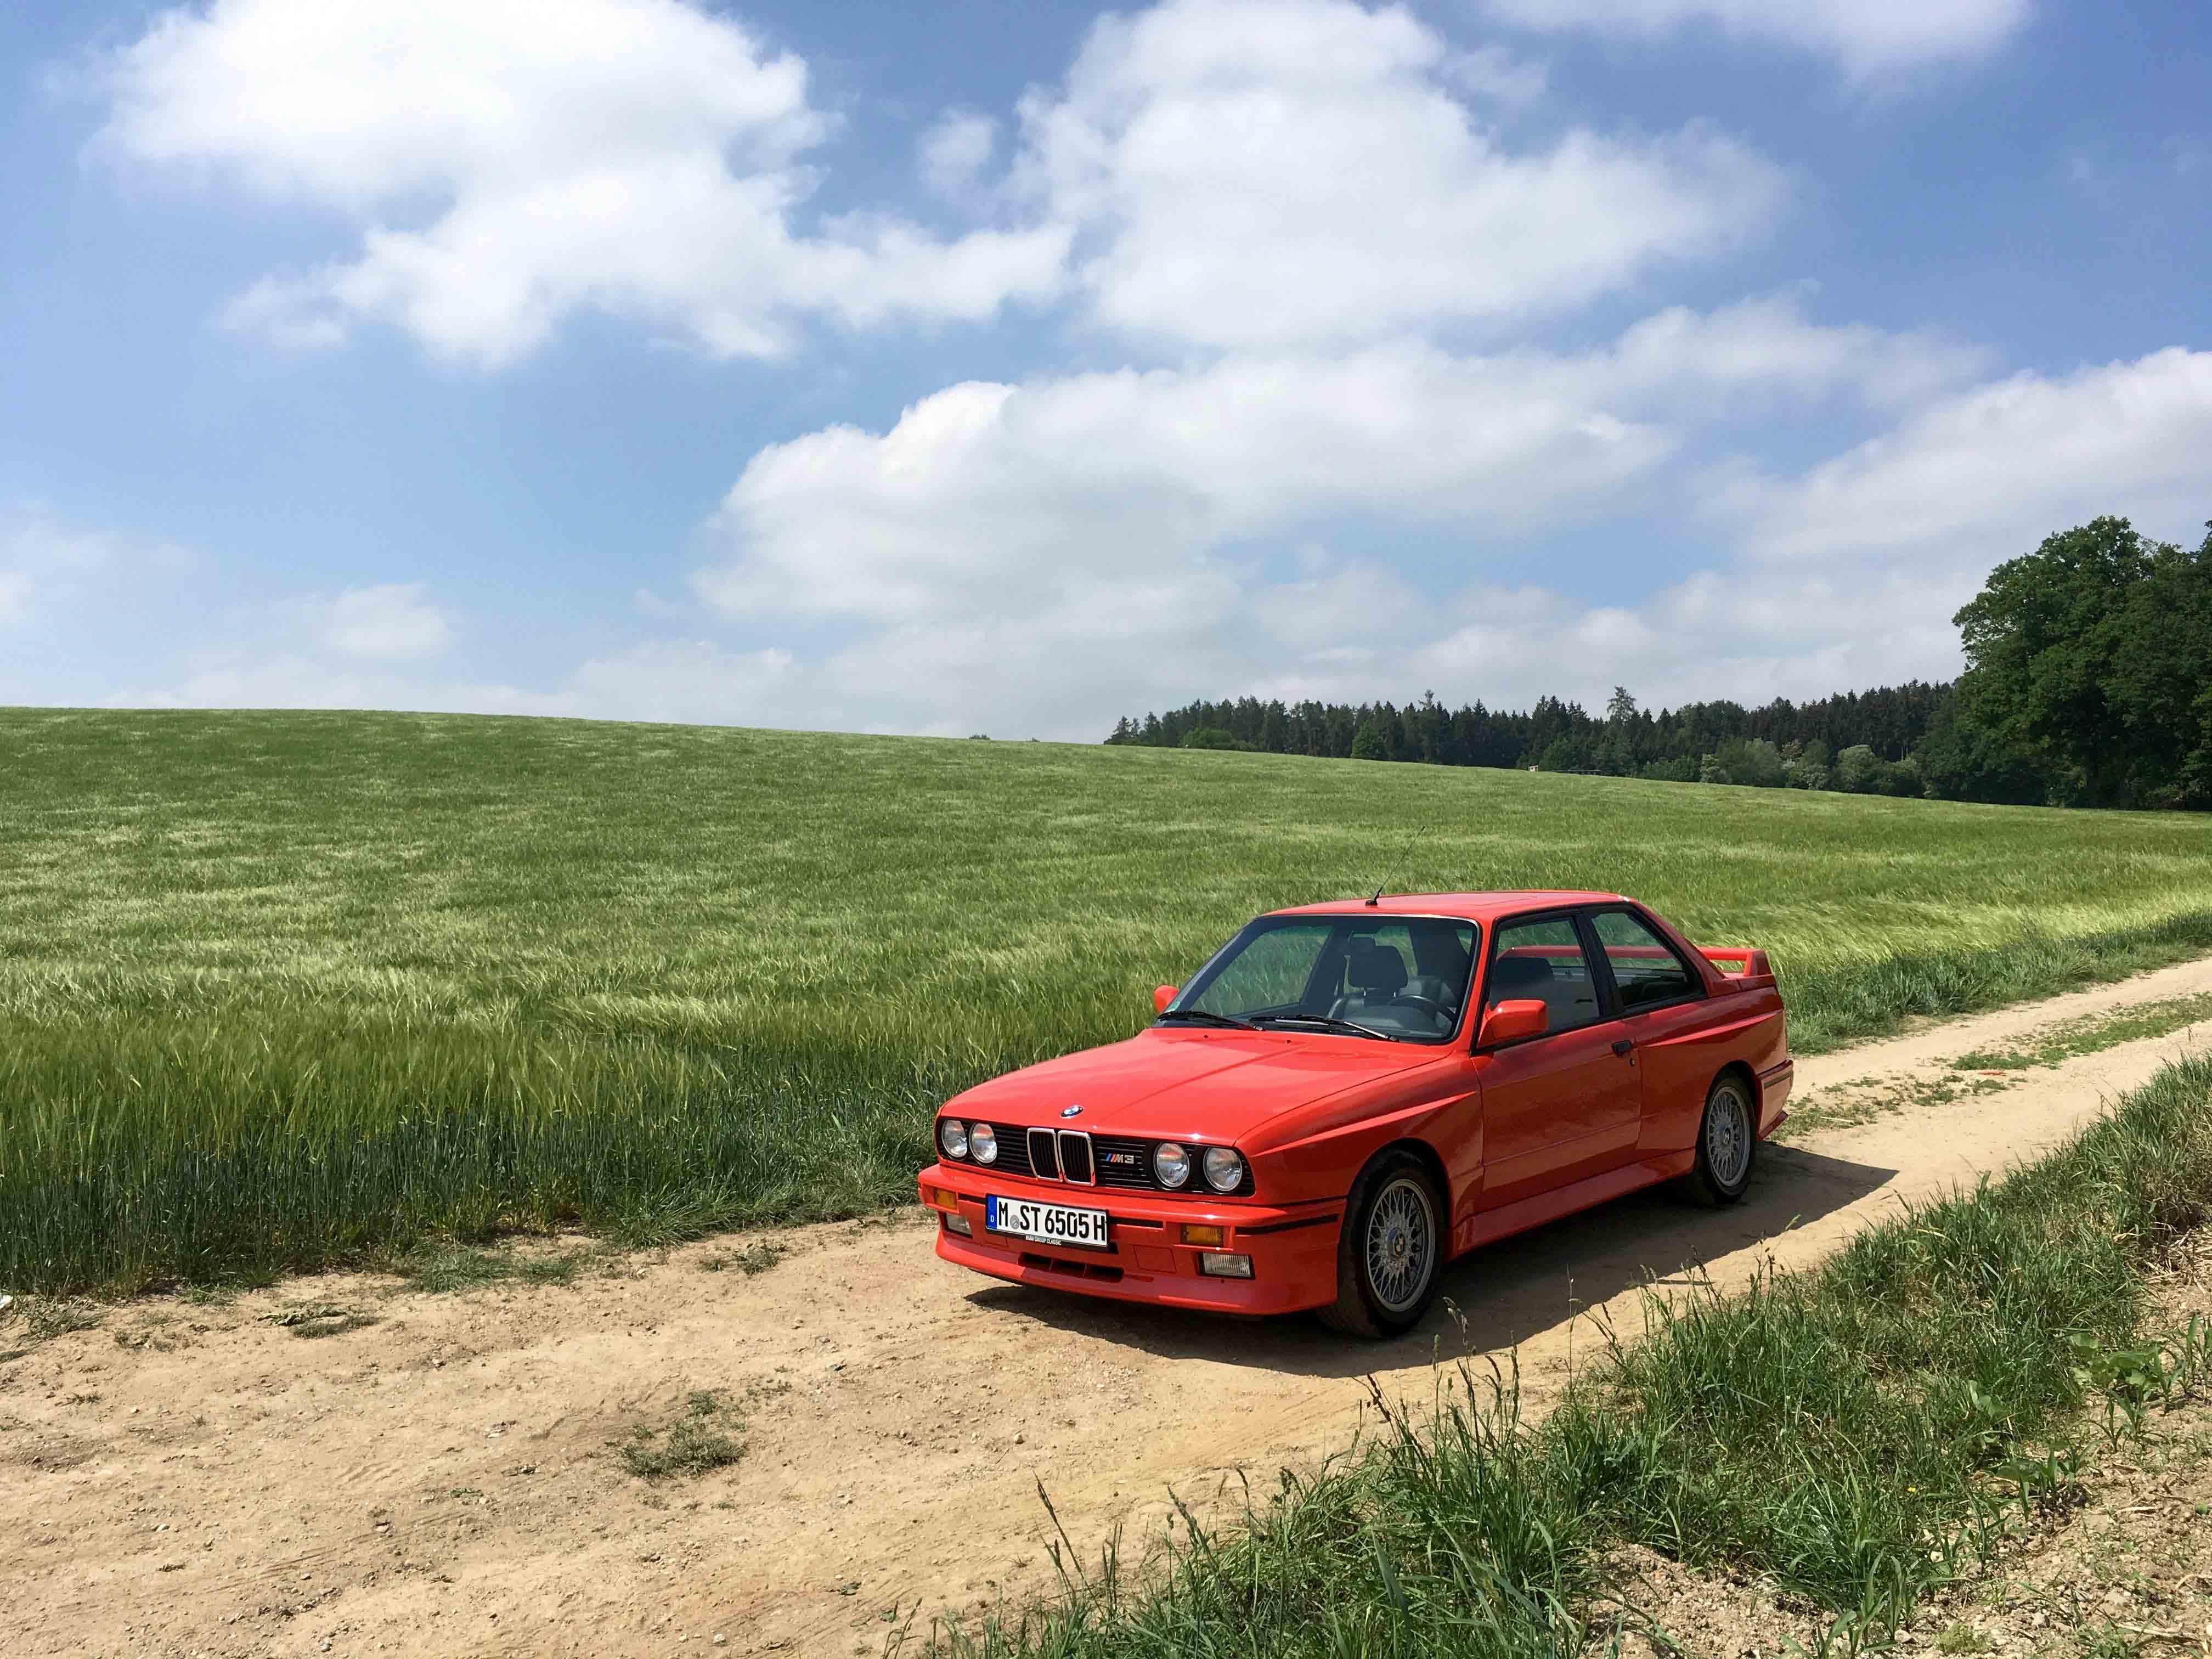 1987 BMW M3 Dirt Road Green Field